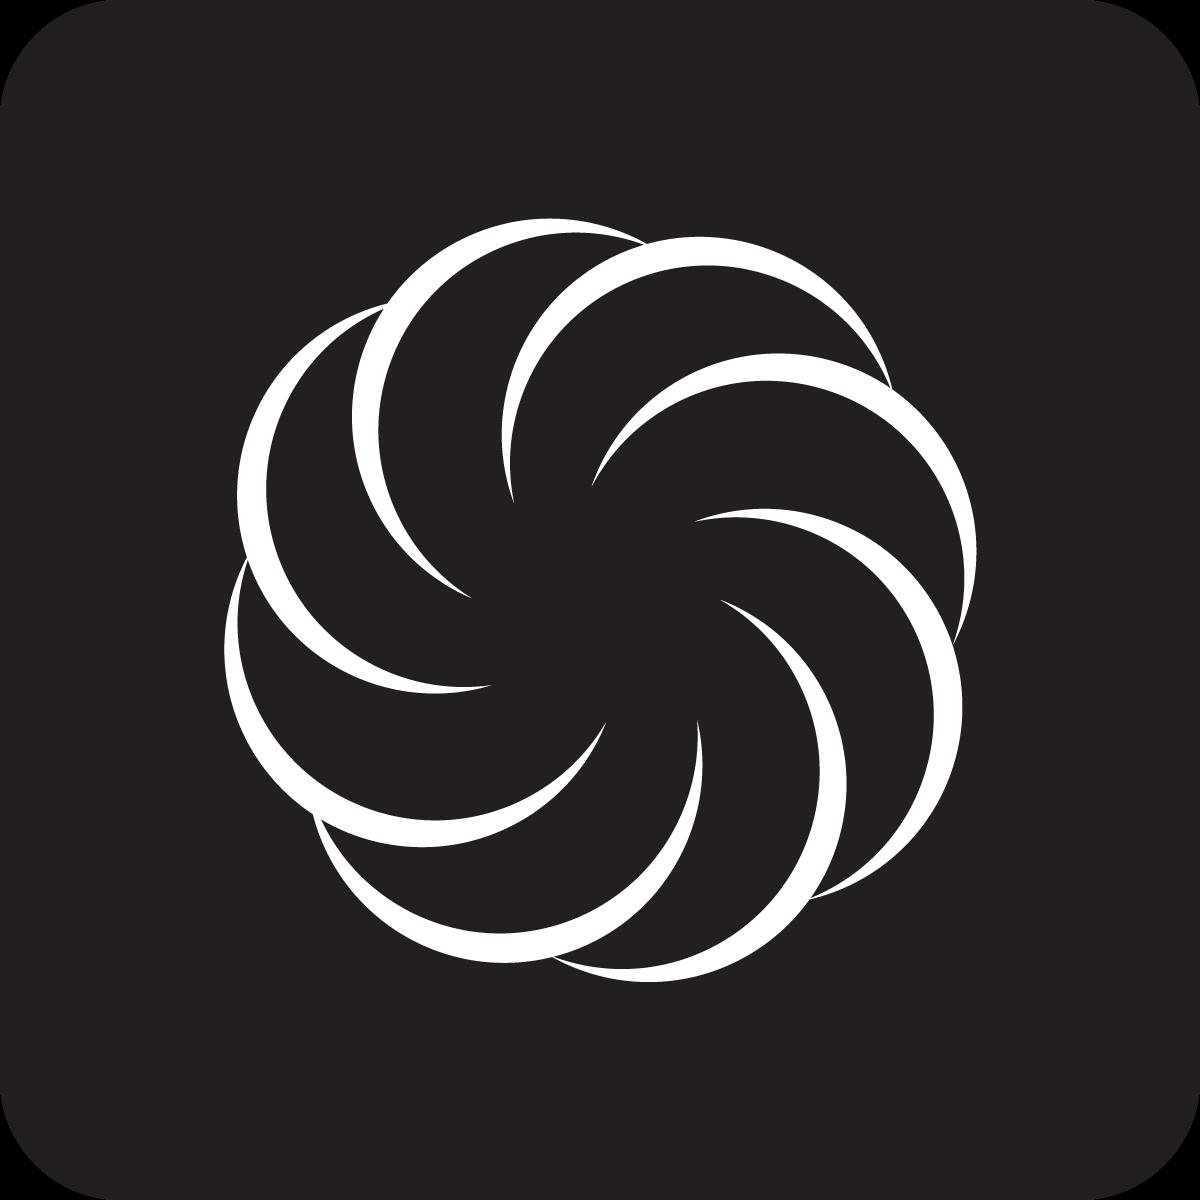 Разработать логотип и экран загрузки приложения фото f_5265a99d10d96e8a.png